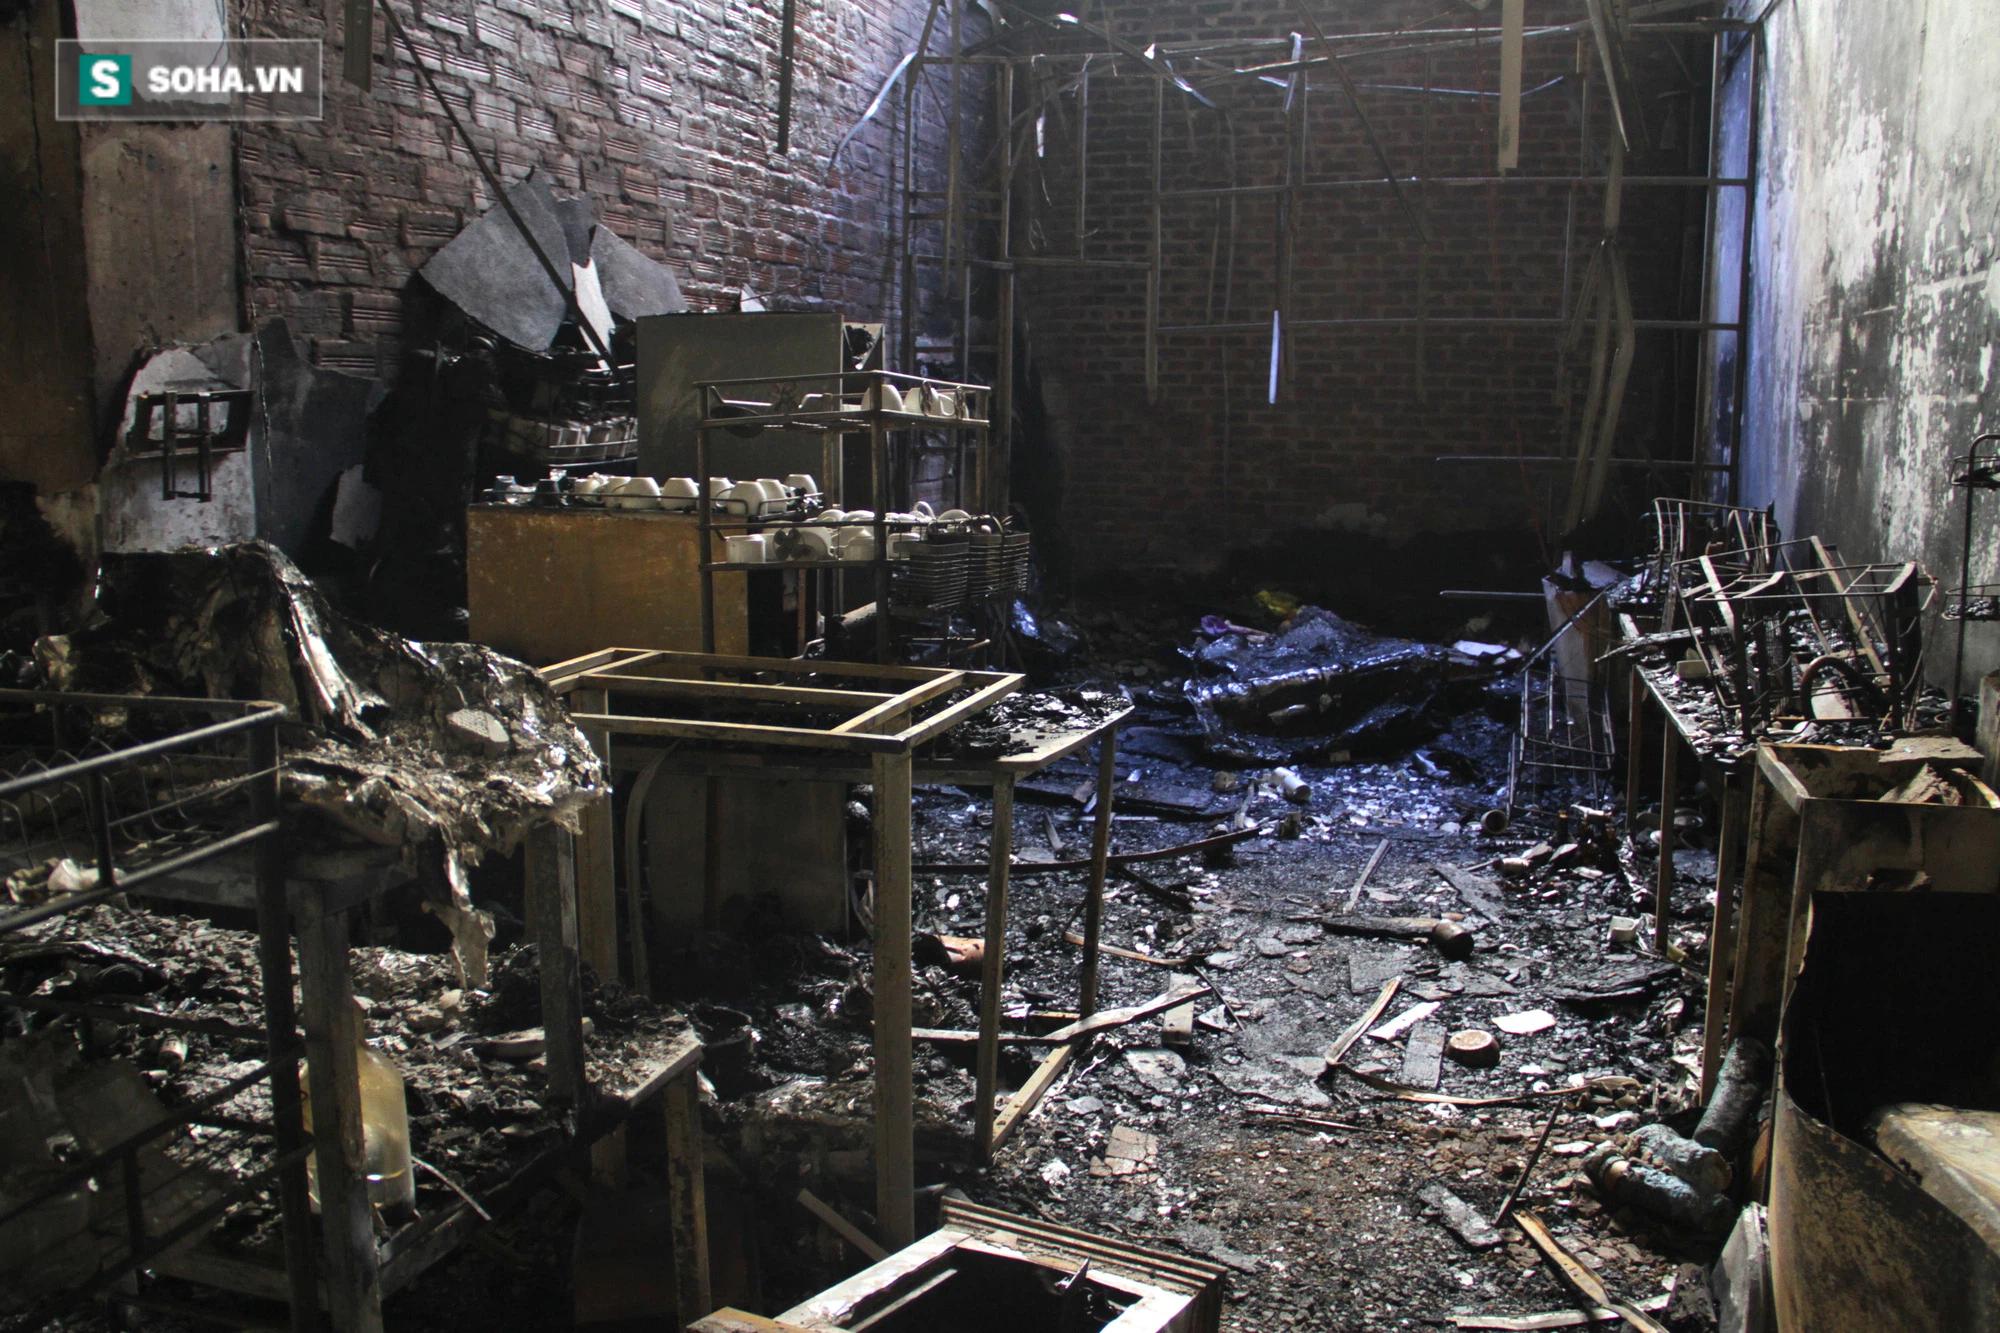 Cận cảnh hiện trường bên trong phòng trà bị cháy khiến 6 người tử vong ở Nghệ An - Ảnh 17.